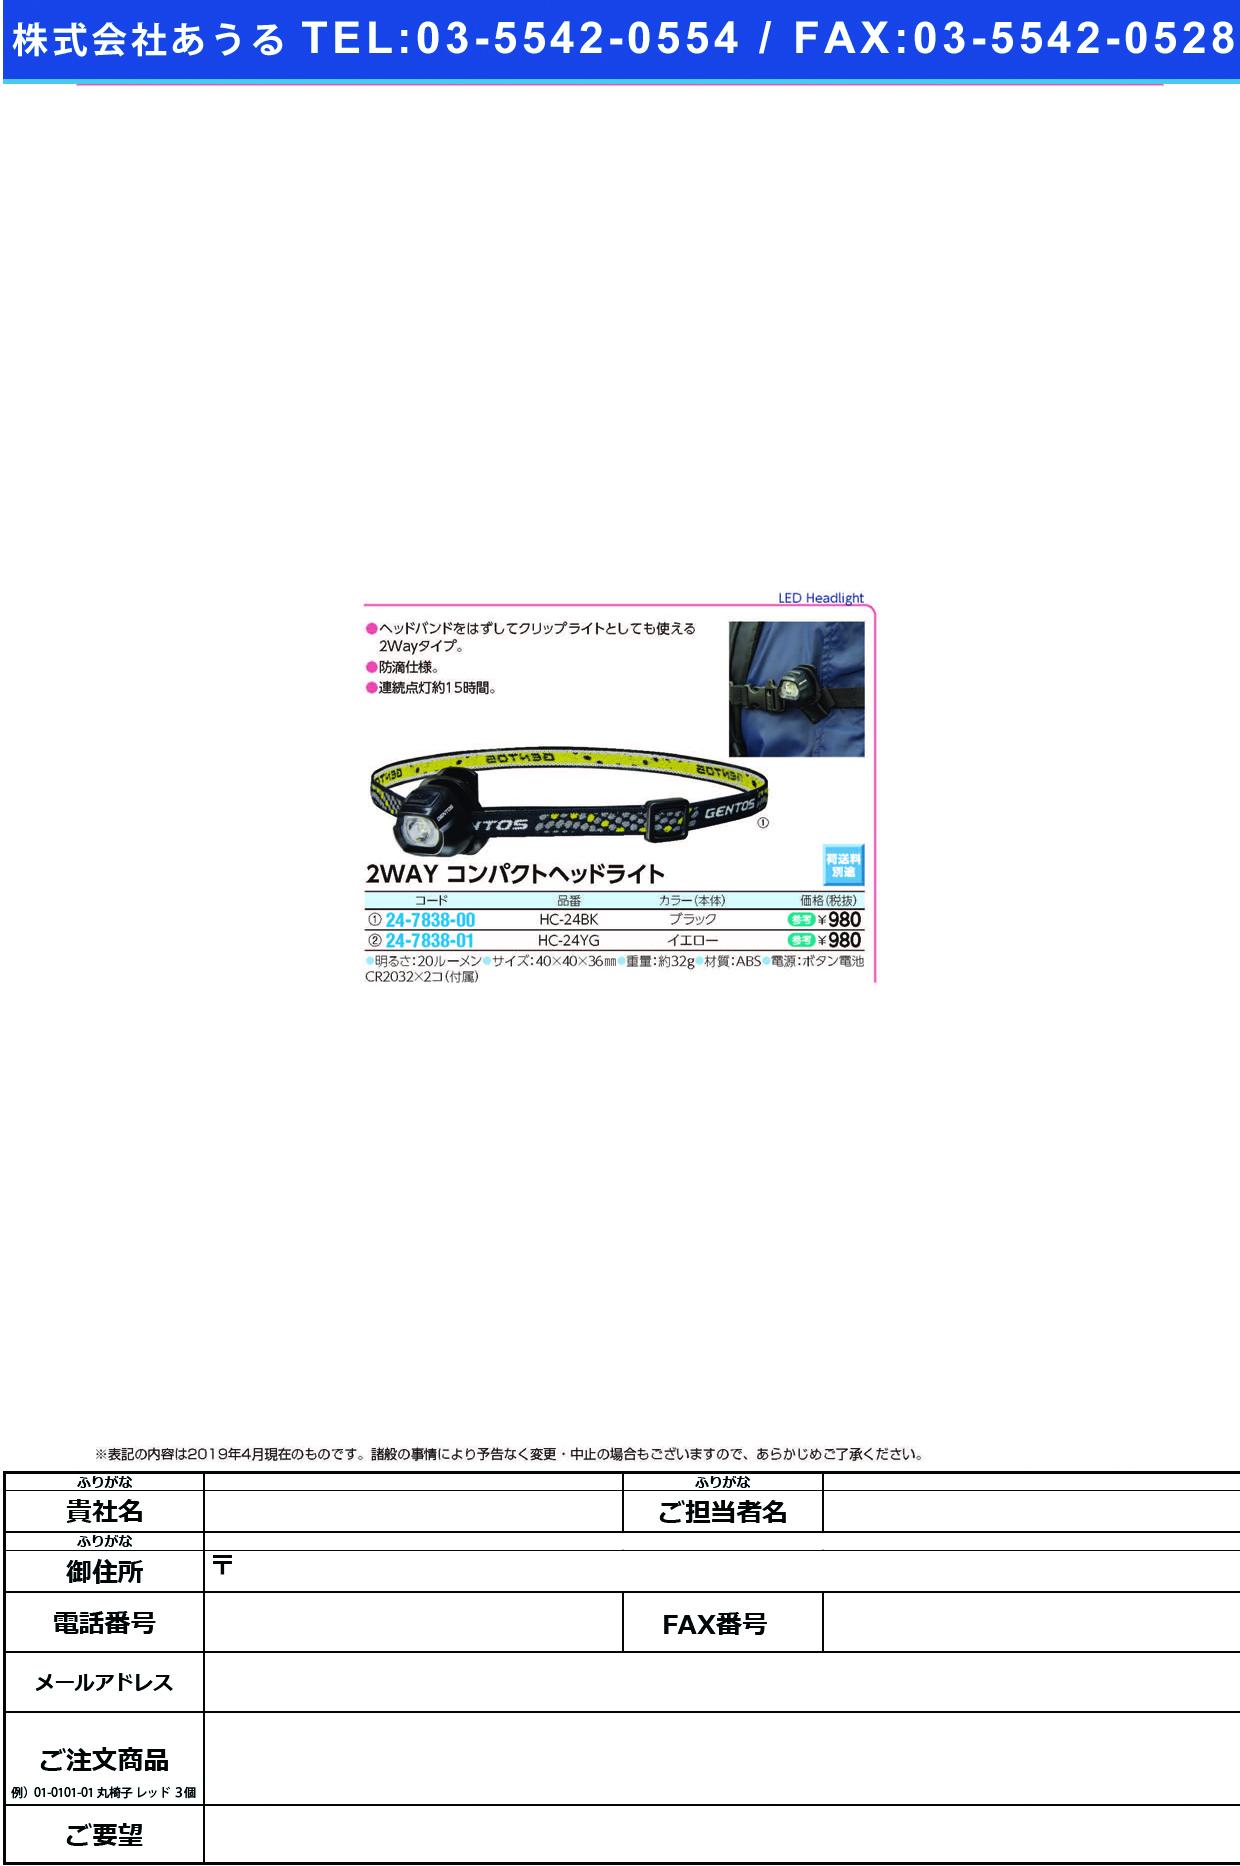 (24-7838-00)コンパクトヘッドライトHC-24BK コンパクトヘッドライト(ジェントス)【1個単位】【2019年カタログ商品】